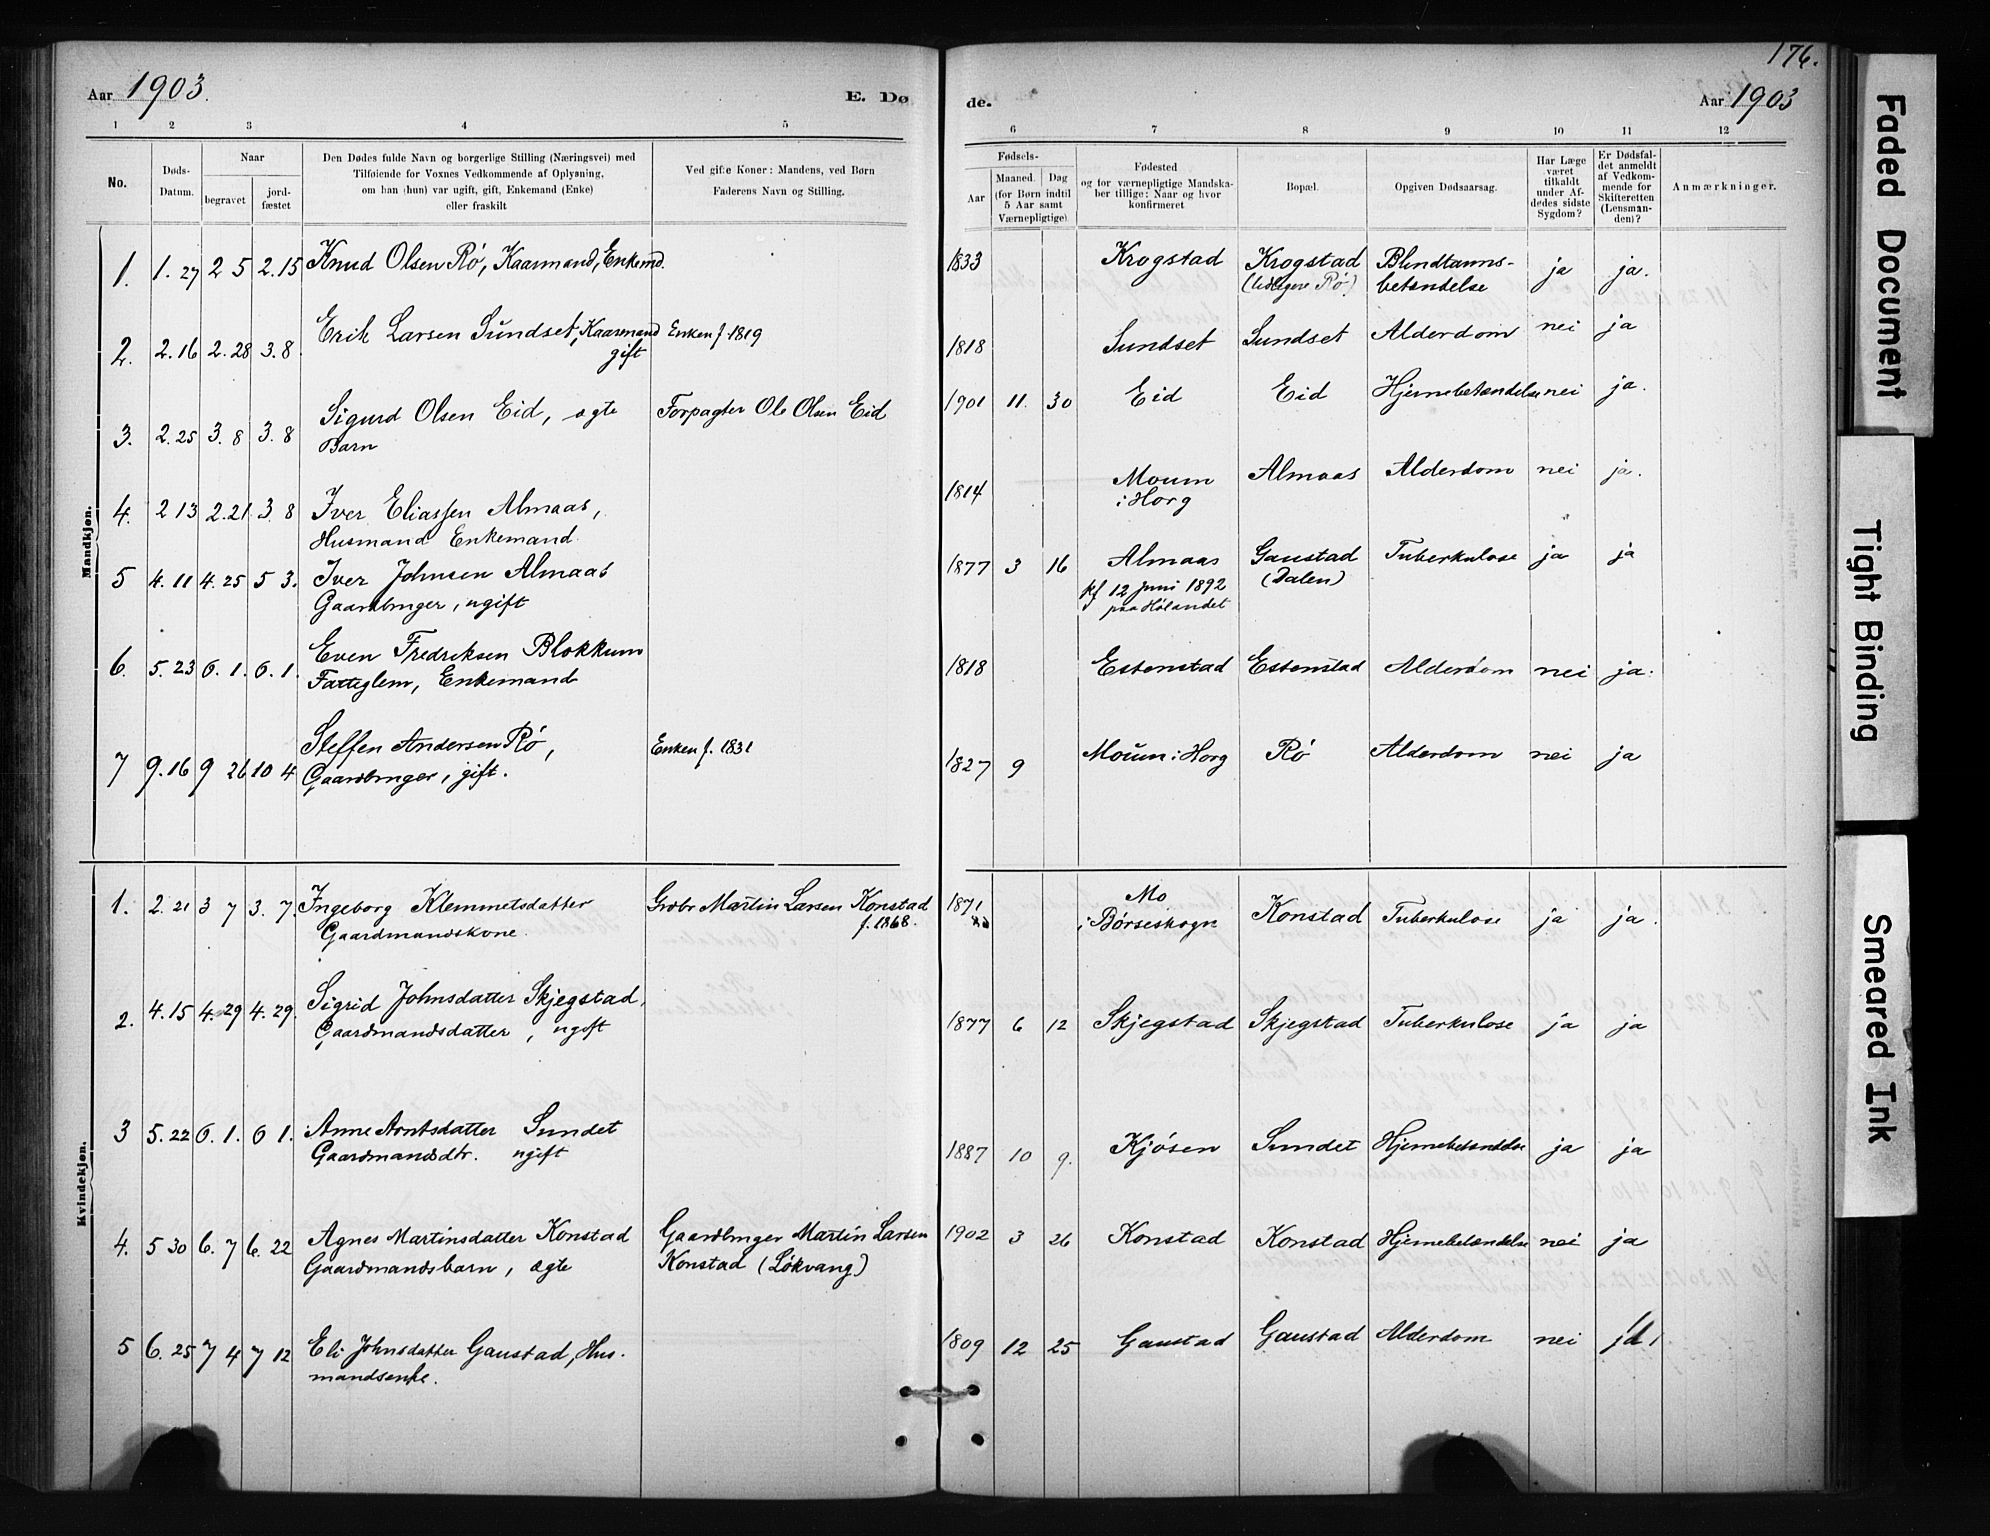 SAT, Ministerialprotokoller, klokkerbøker og fødselsregistre - Sør-Trøndelag, 694/L1127: Ministerialbok nr. 694A01, 1887-1905, s. 176